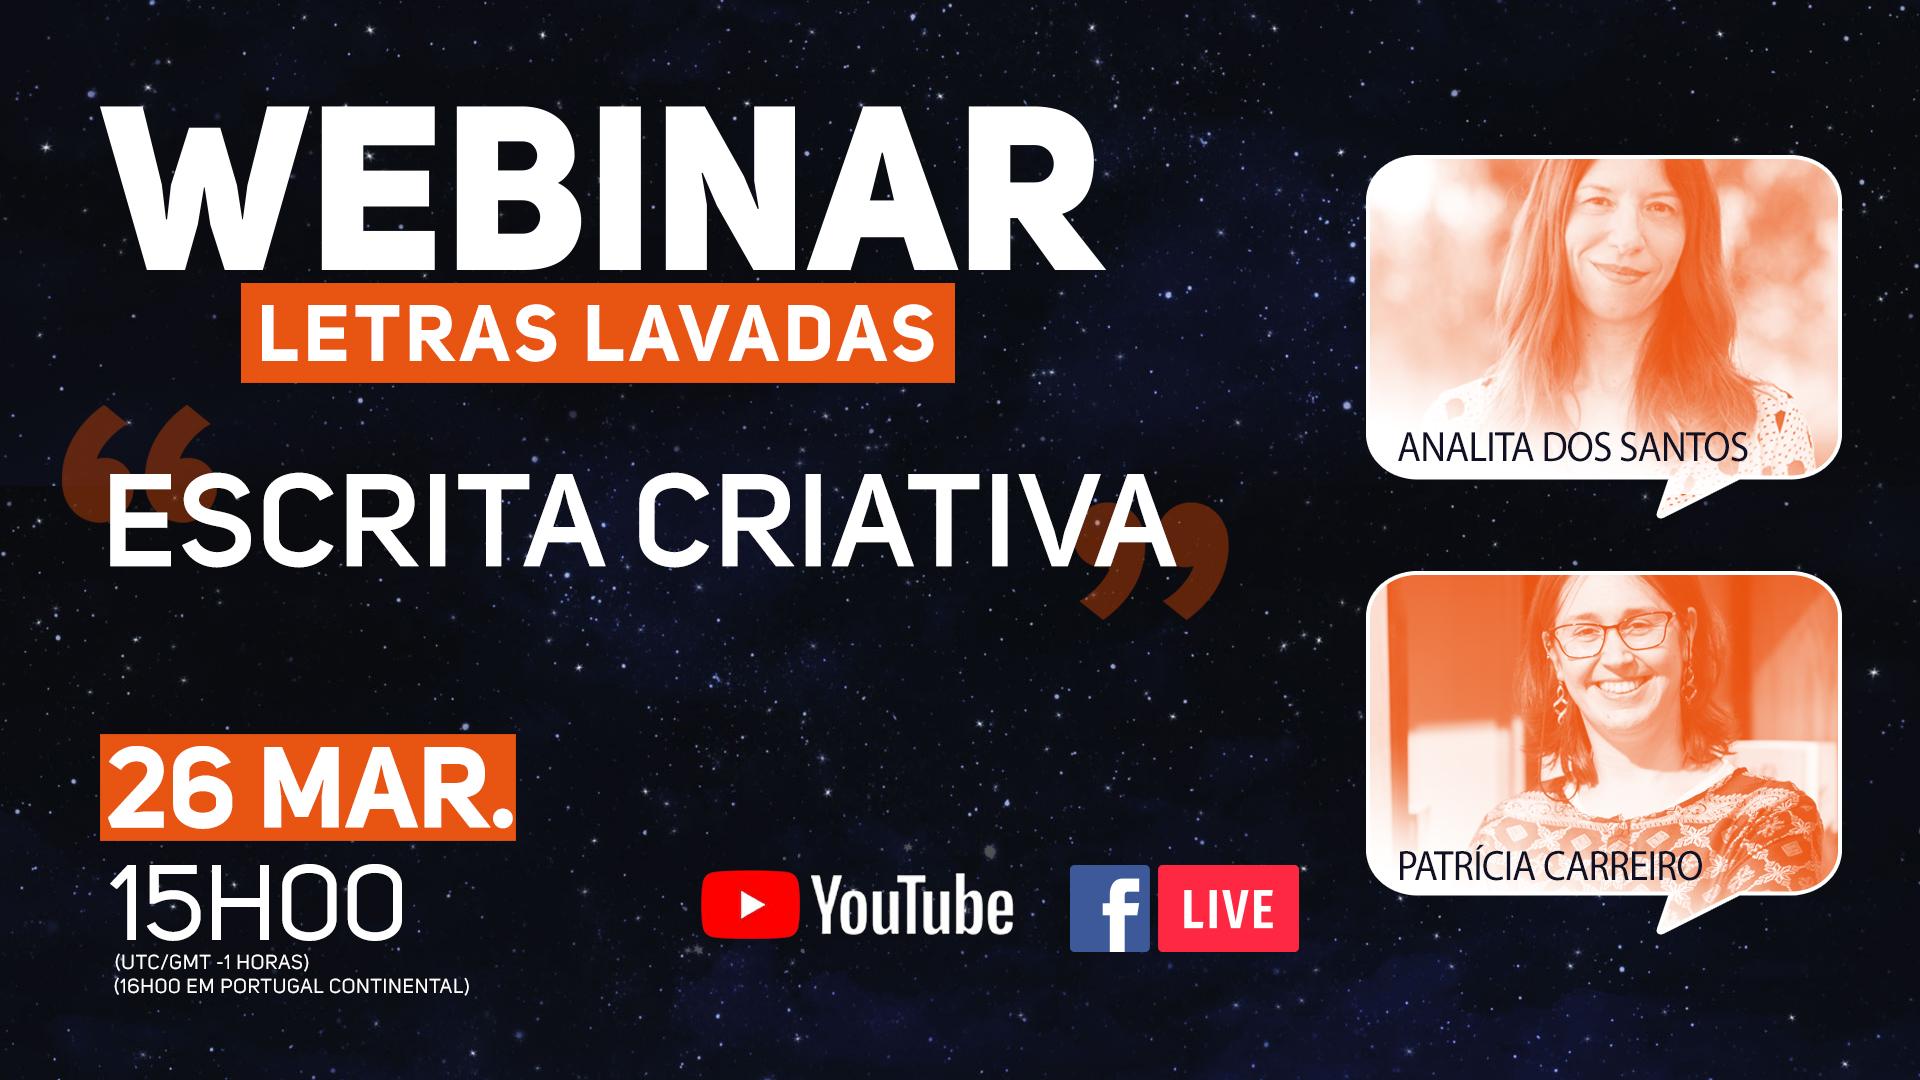 Webinar de Escrita Criativa com Analita Alves dos Santos